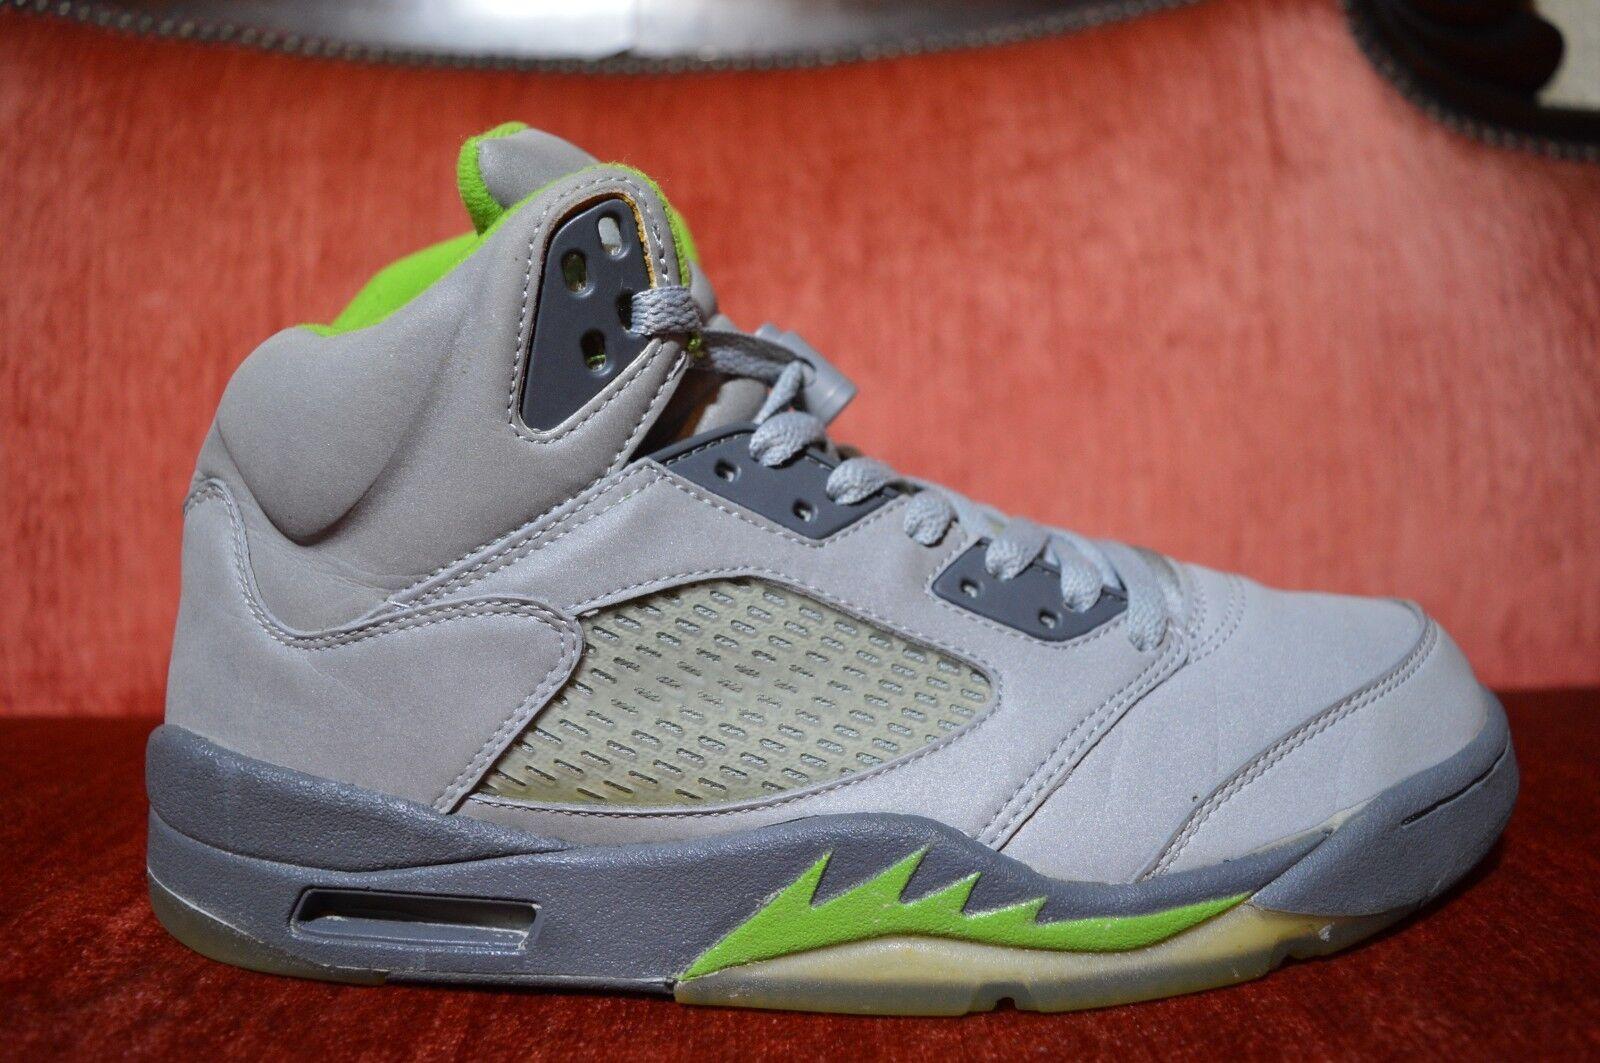 Nike Air Jordan V 5 Retro 2006 Silver Green Bean Size 9.5 136027-031 Quai